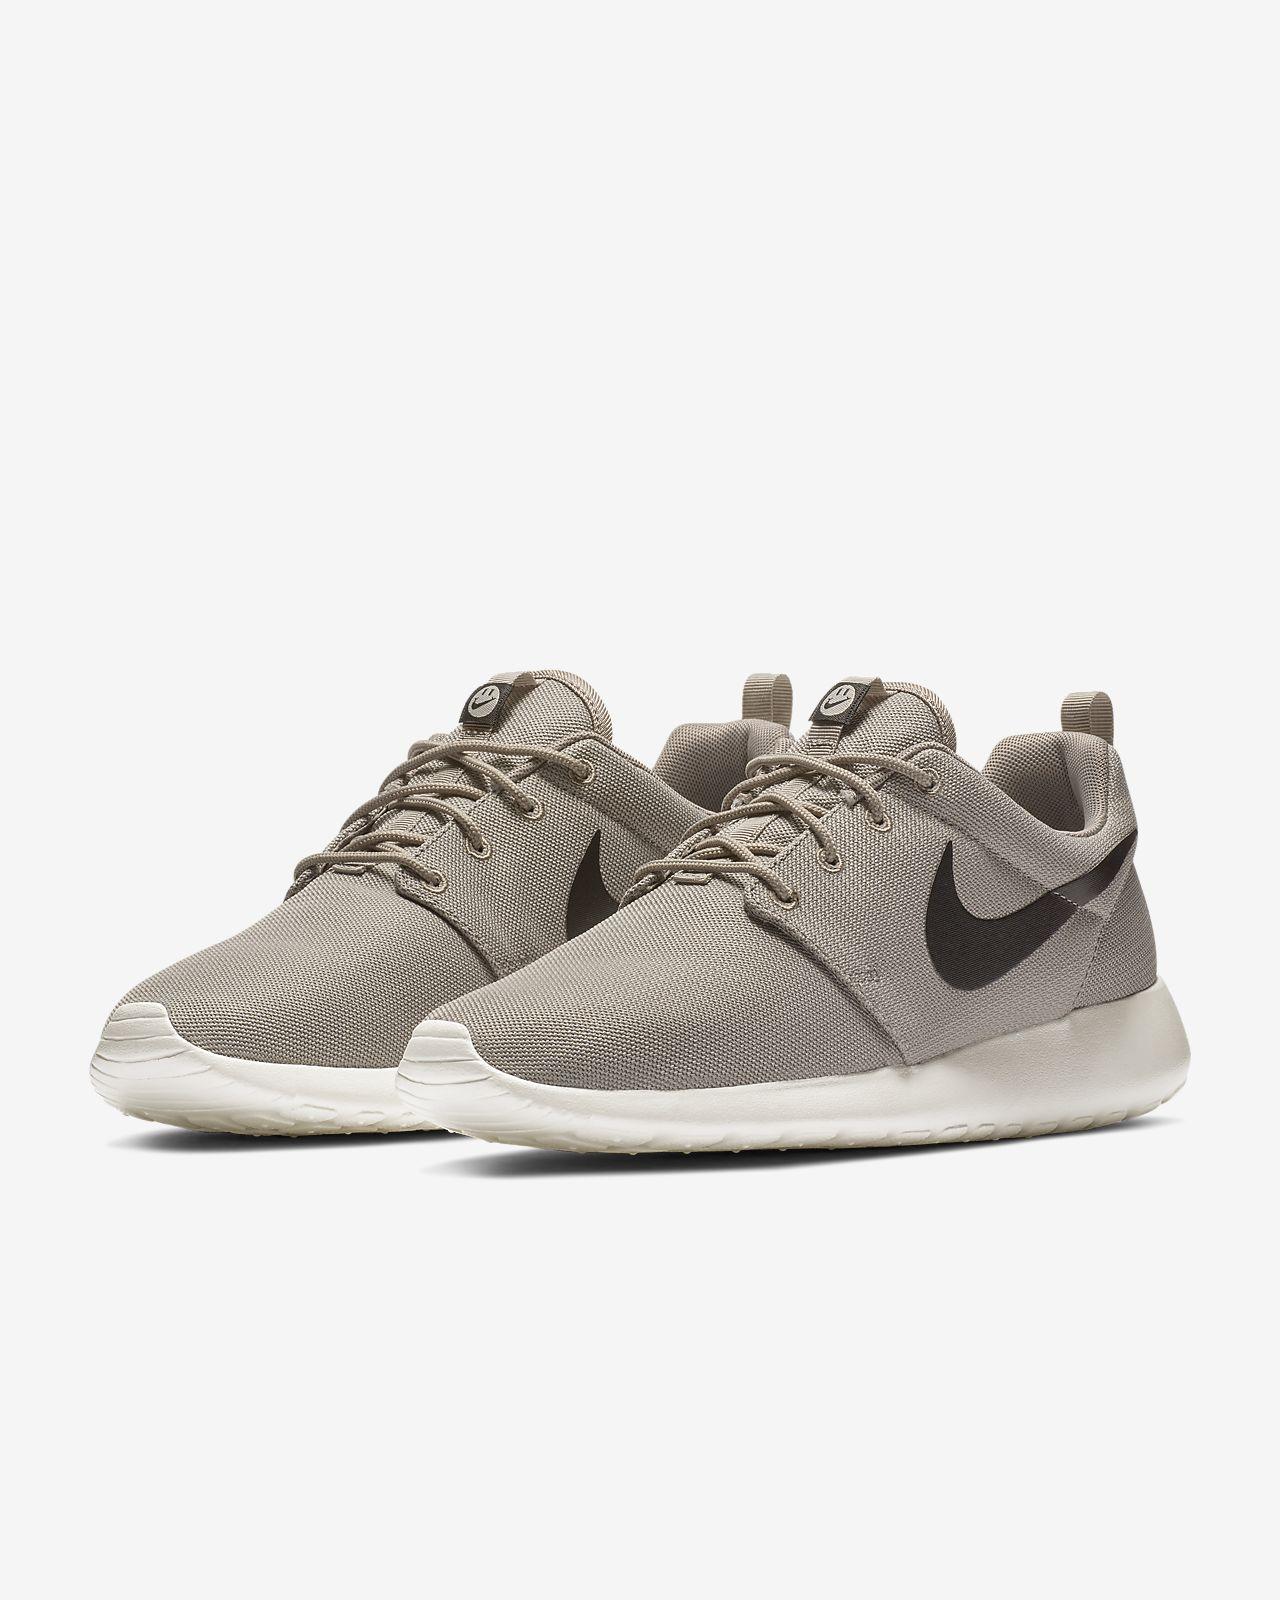 181fb2ed9c75 Low Resolution Nike Roshe One Men s Shoe Nike Roshe One Men s Shoe